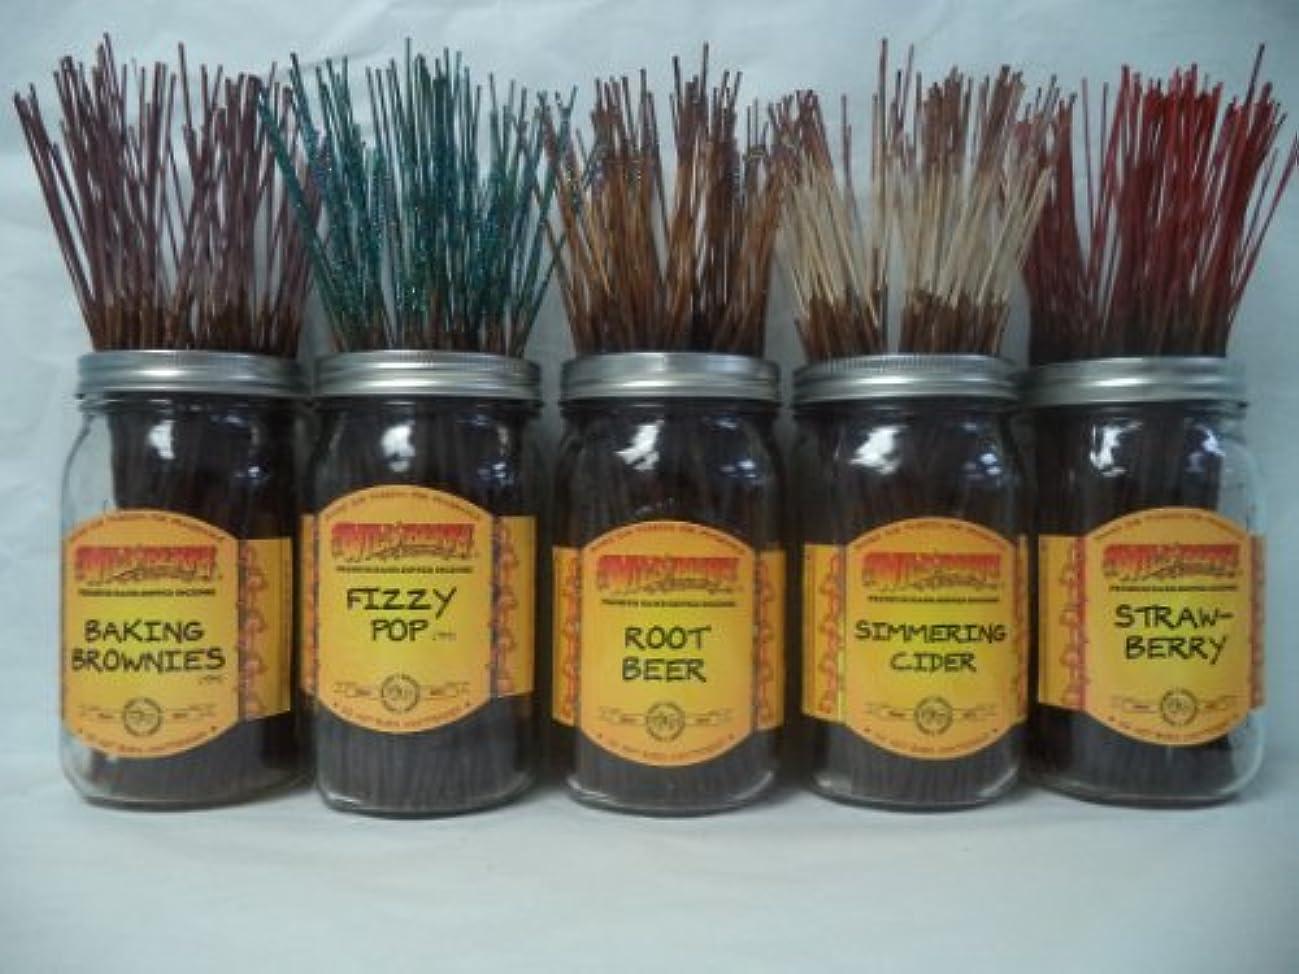 売上高コンピューターゲームをプレイする自己尊重Wildberry Incense Sticks Foodlike Scentsセット# 1 : 4 Sticks各5の香り、合計20 Sticks 。